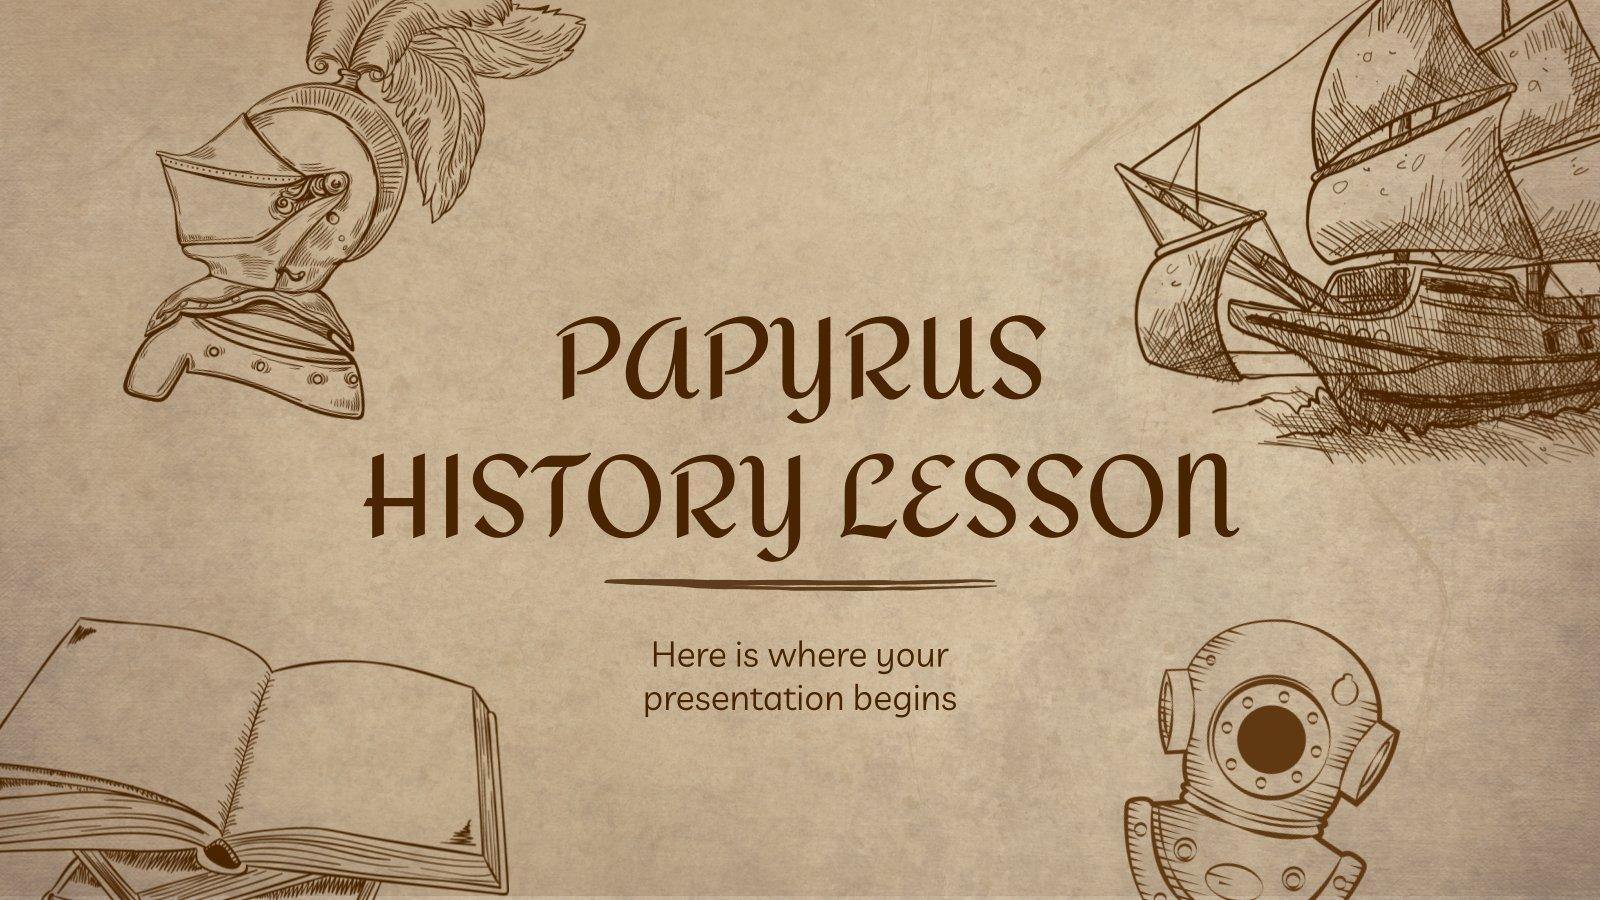 Cours d'histoire sur le papyrus : Modèles de présentation